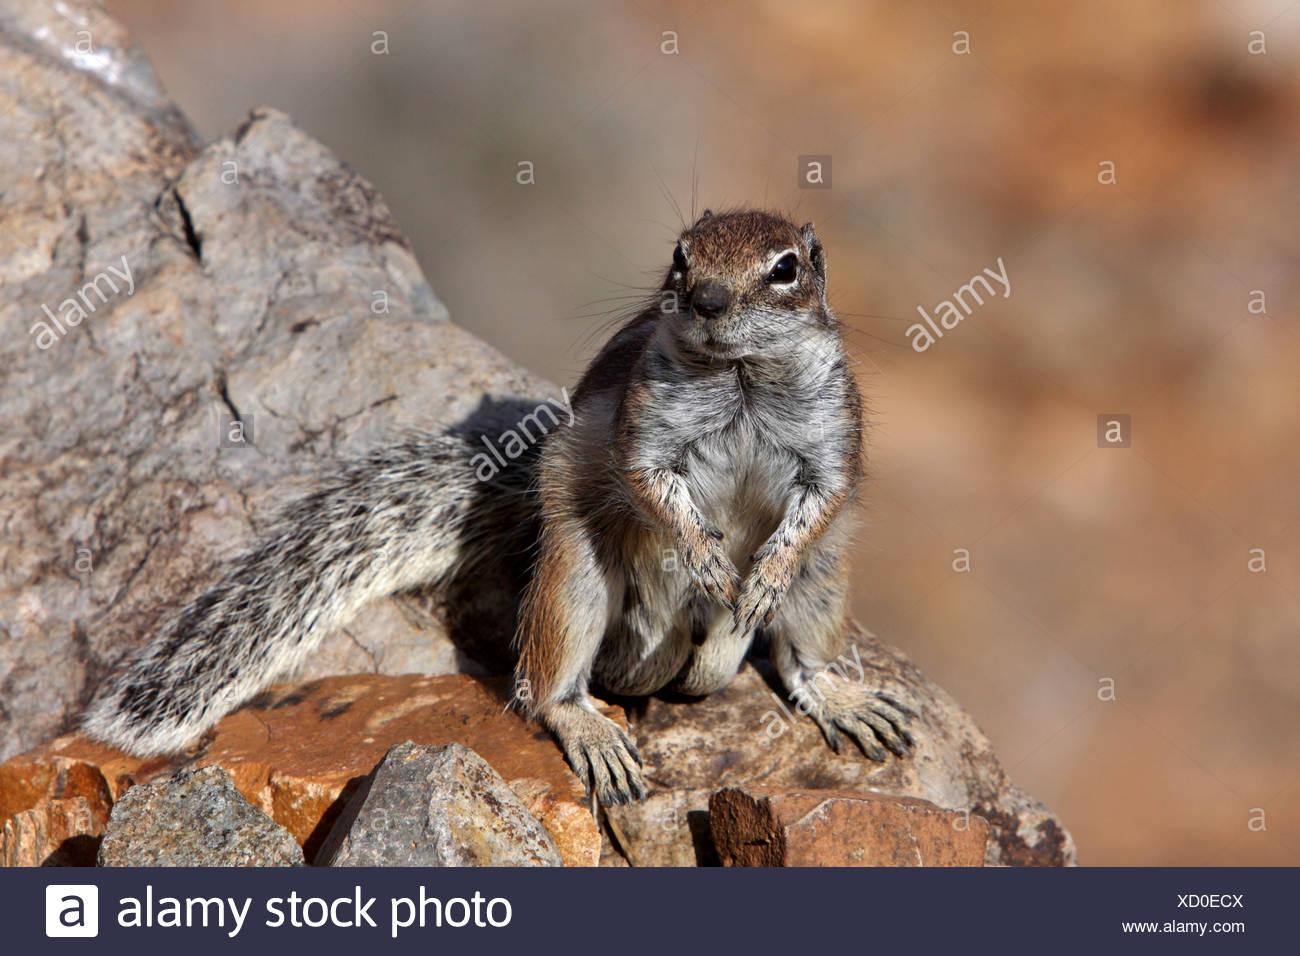 Suslik barbary, del norte de África suslik (Atlantoxerus getulus), sentado sobre una roca, islas Canarias, Fuerteventura, Islas Canarias Imagen De Stock